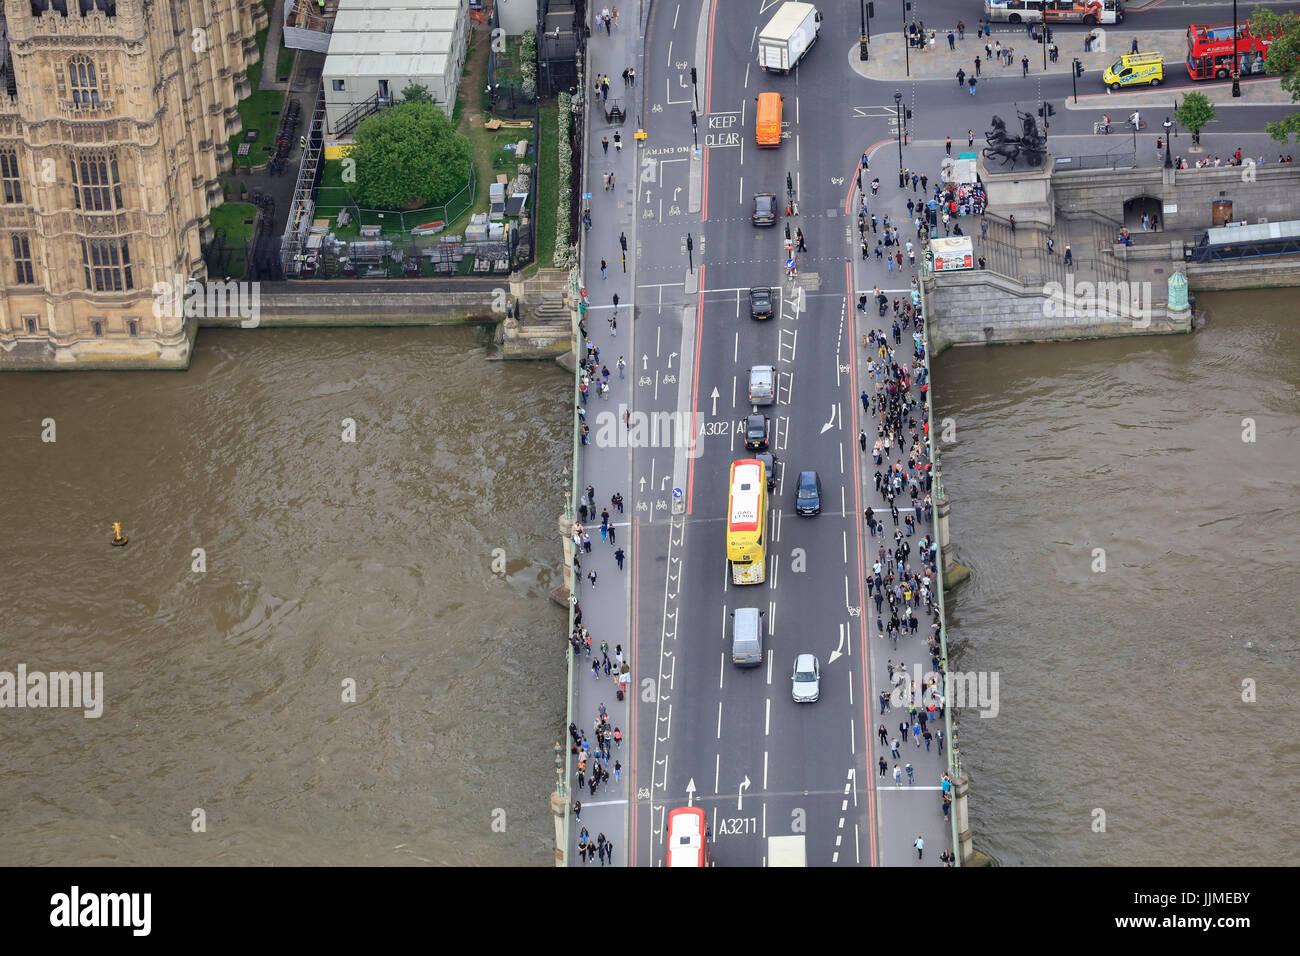 Eine Luftaufnahme der Westminster Bridge, London Stockfoto